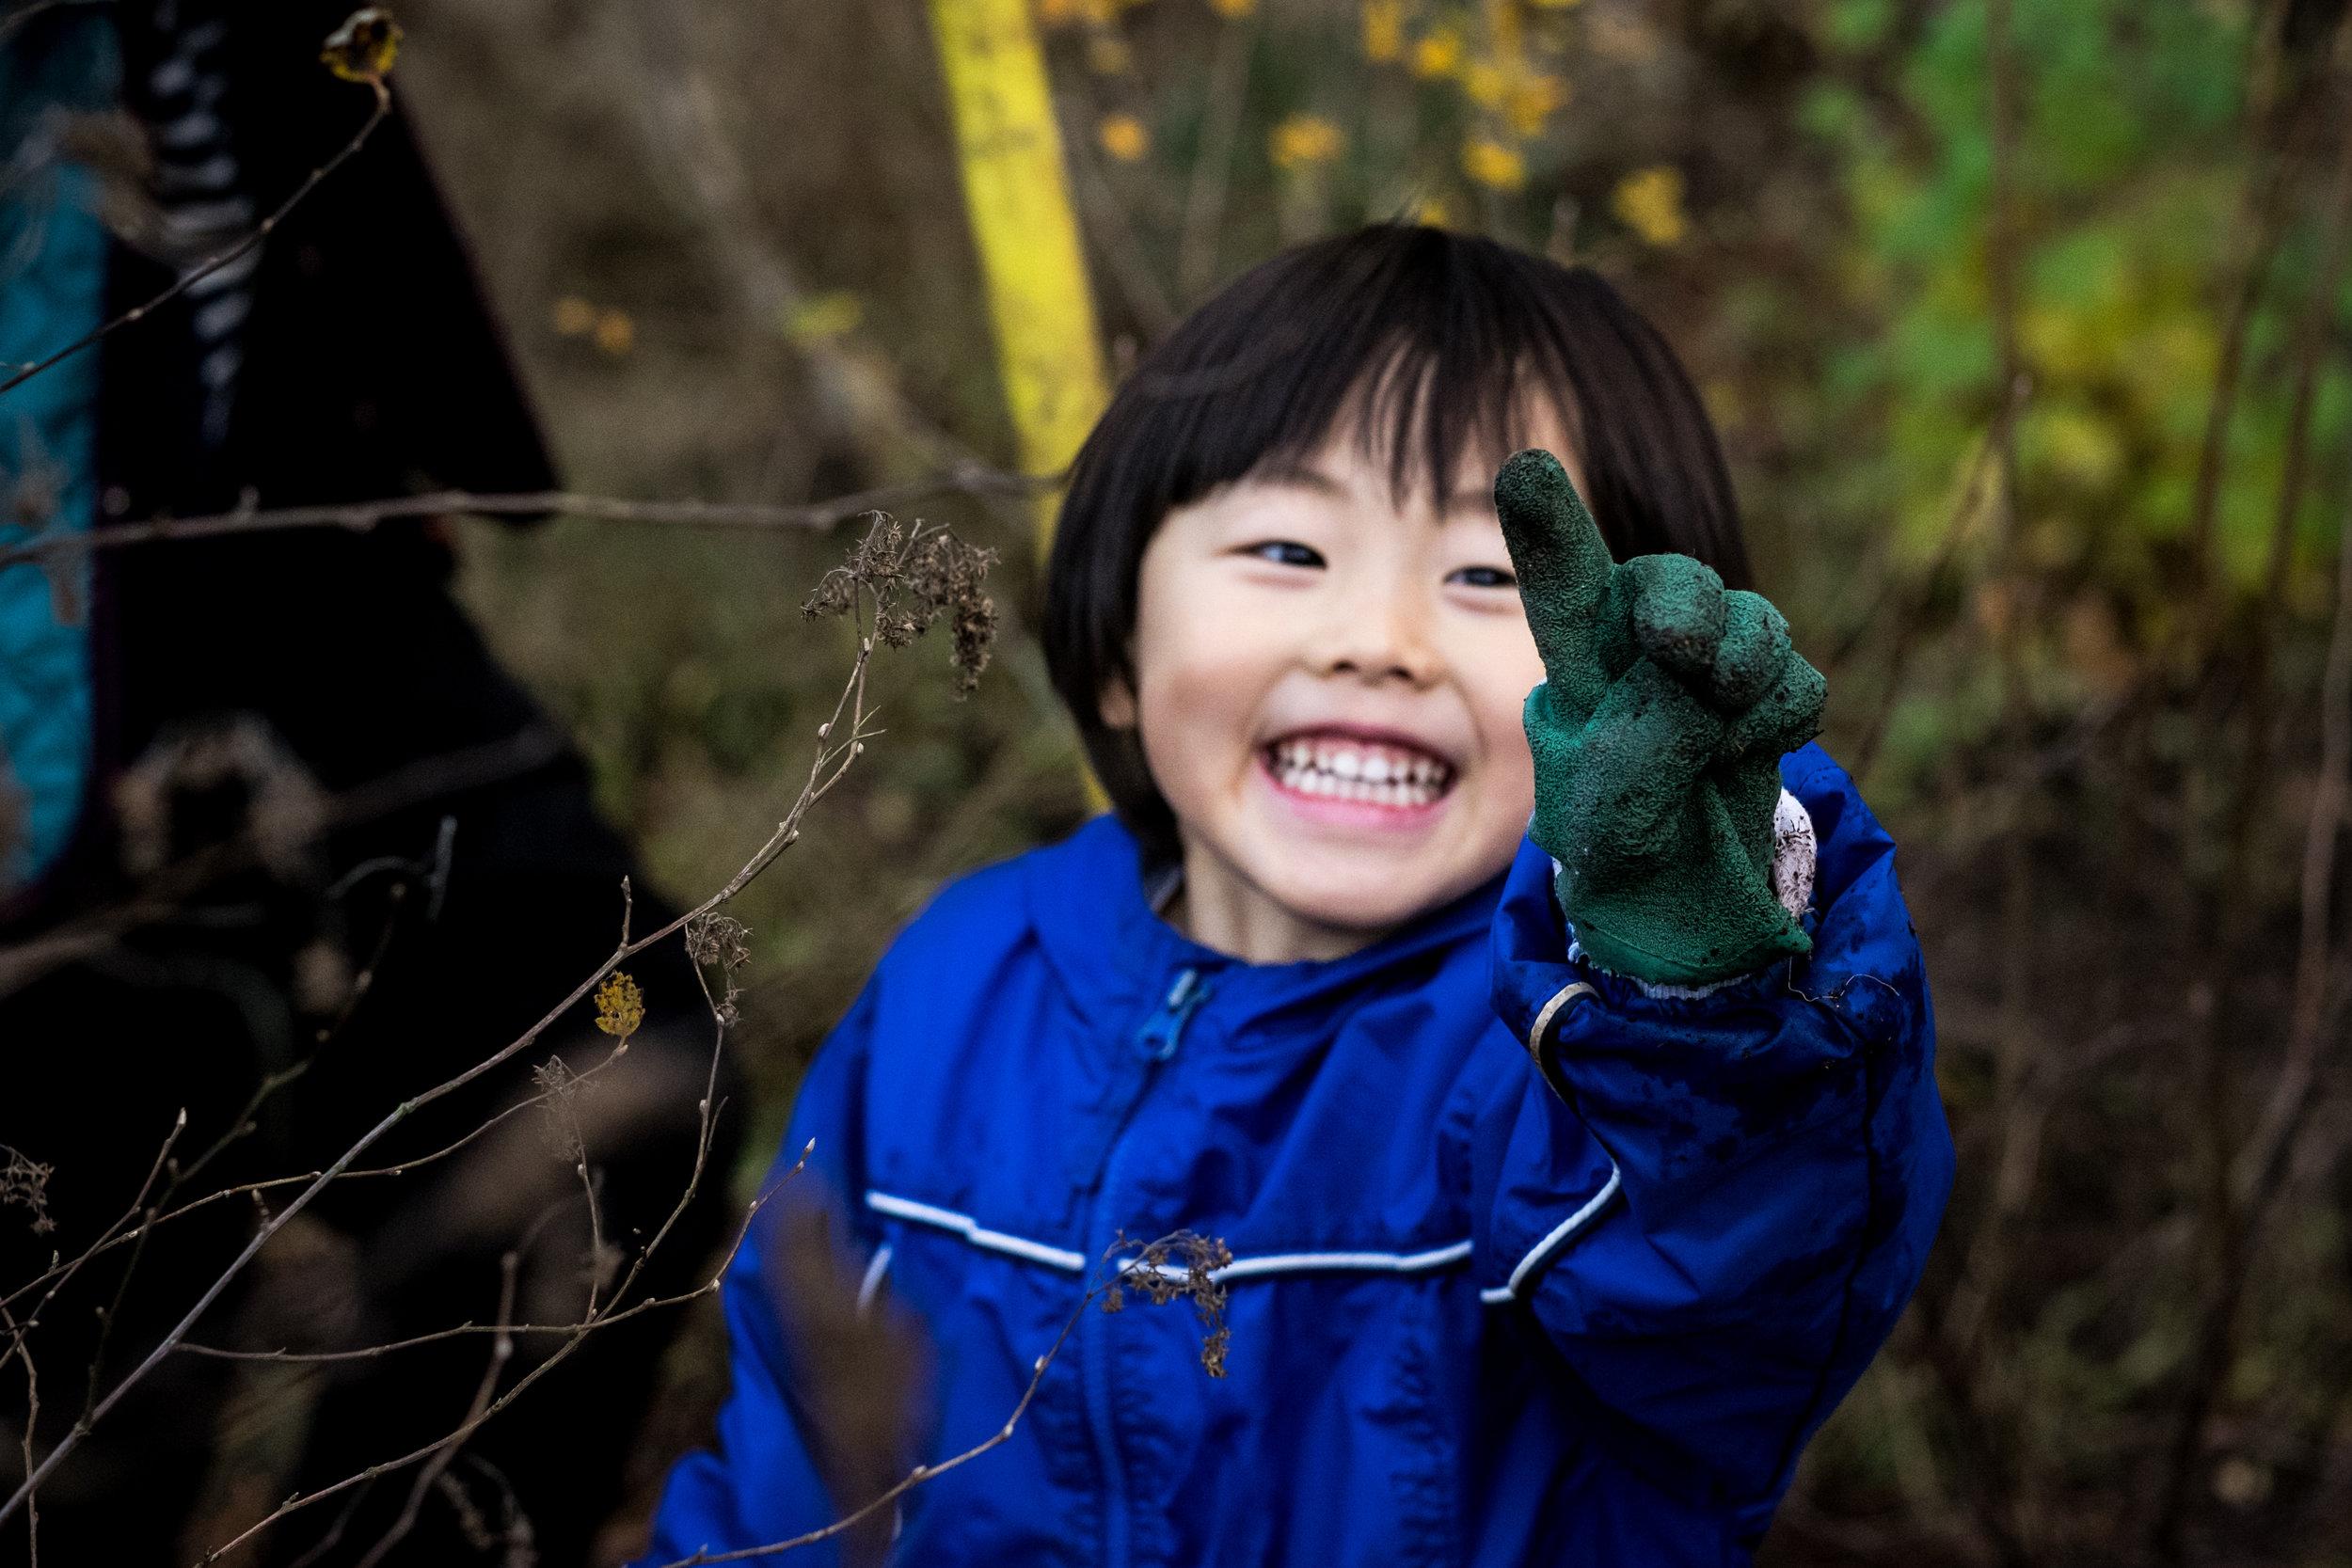 family photojournalism Seattle Japanese boy nature